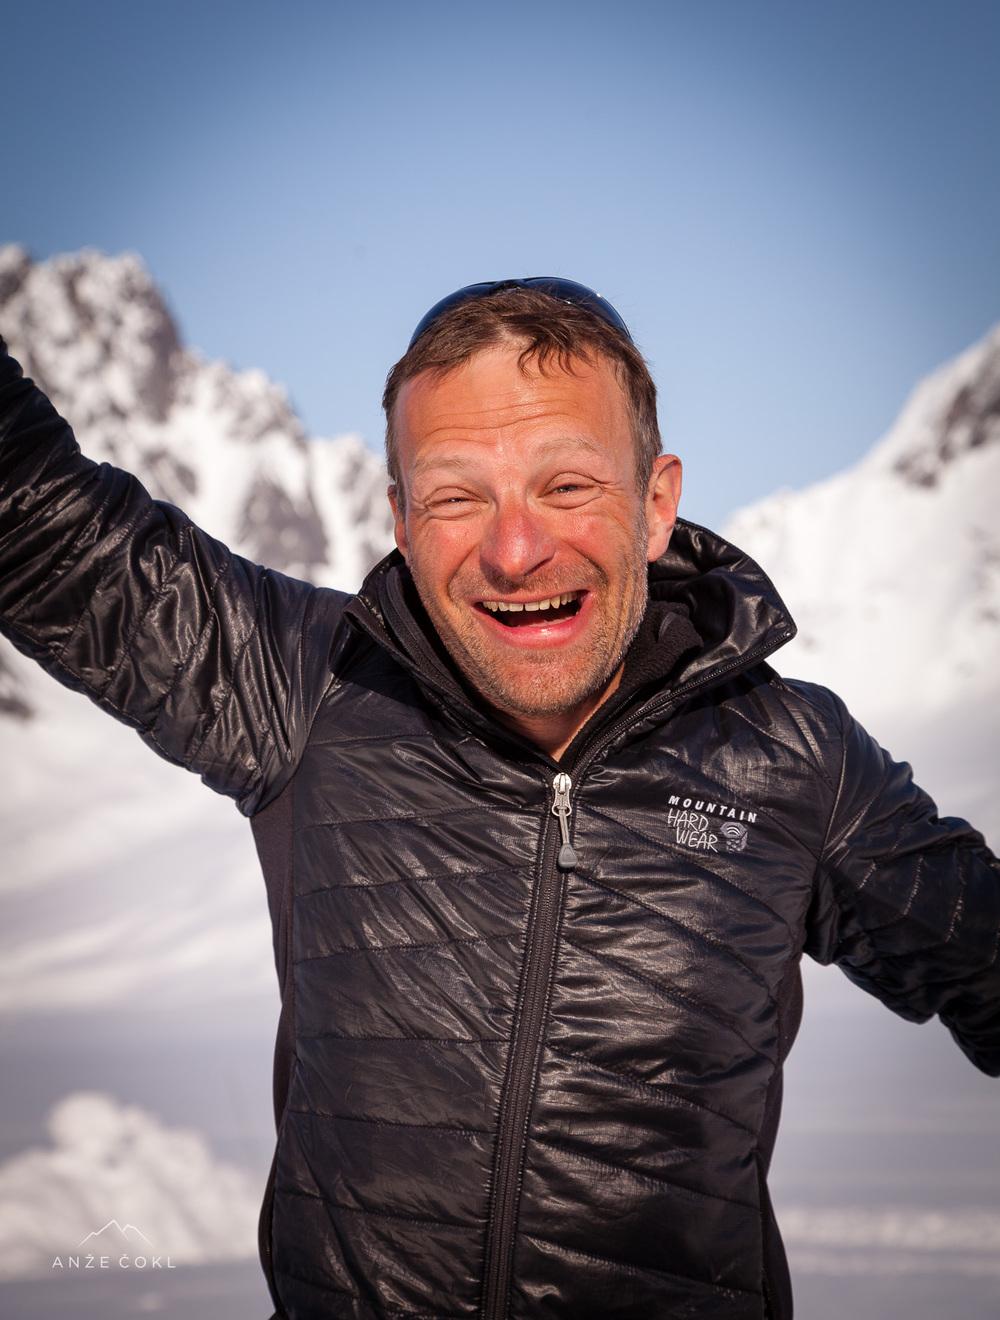 Janez Rutar